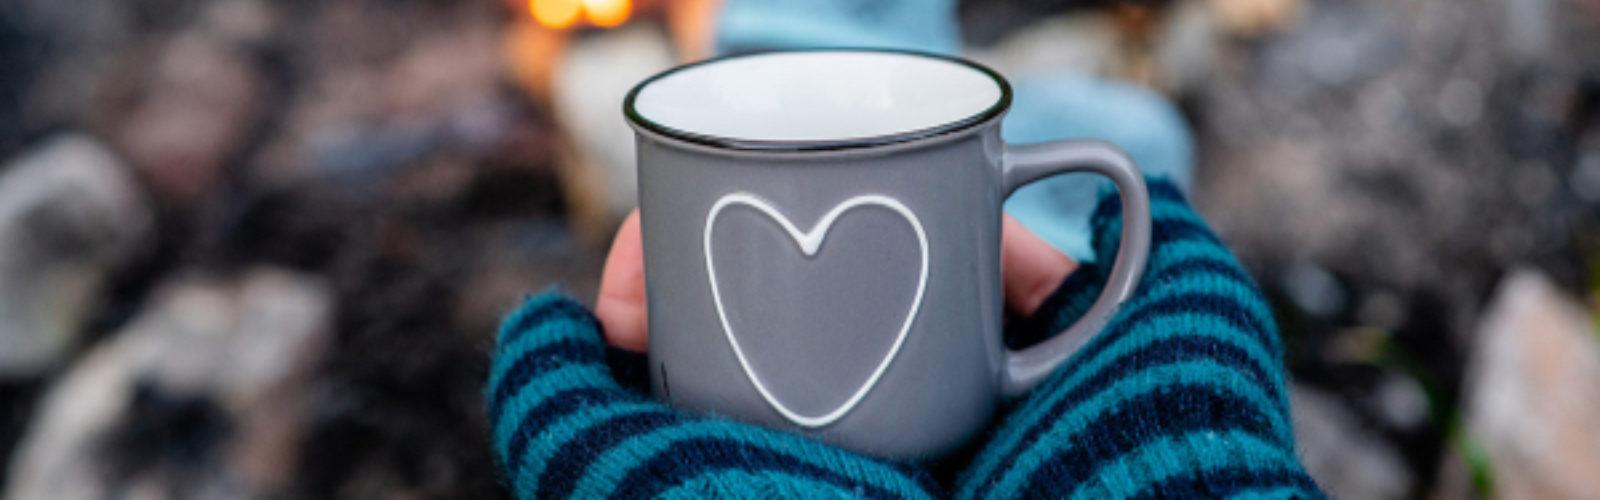 Shutterstock 1817016704 FW